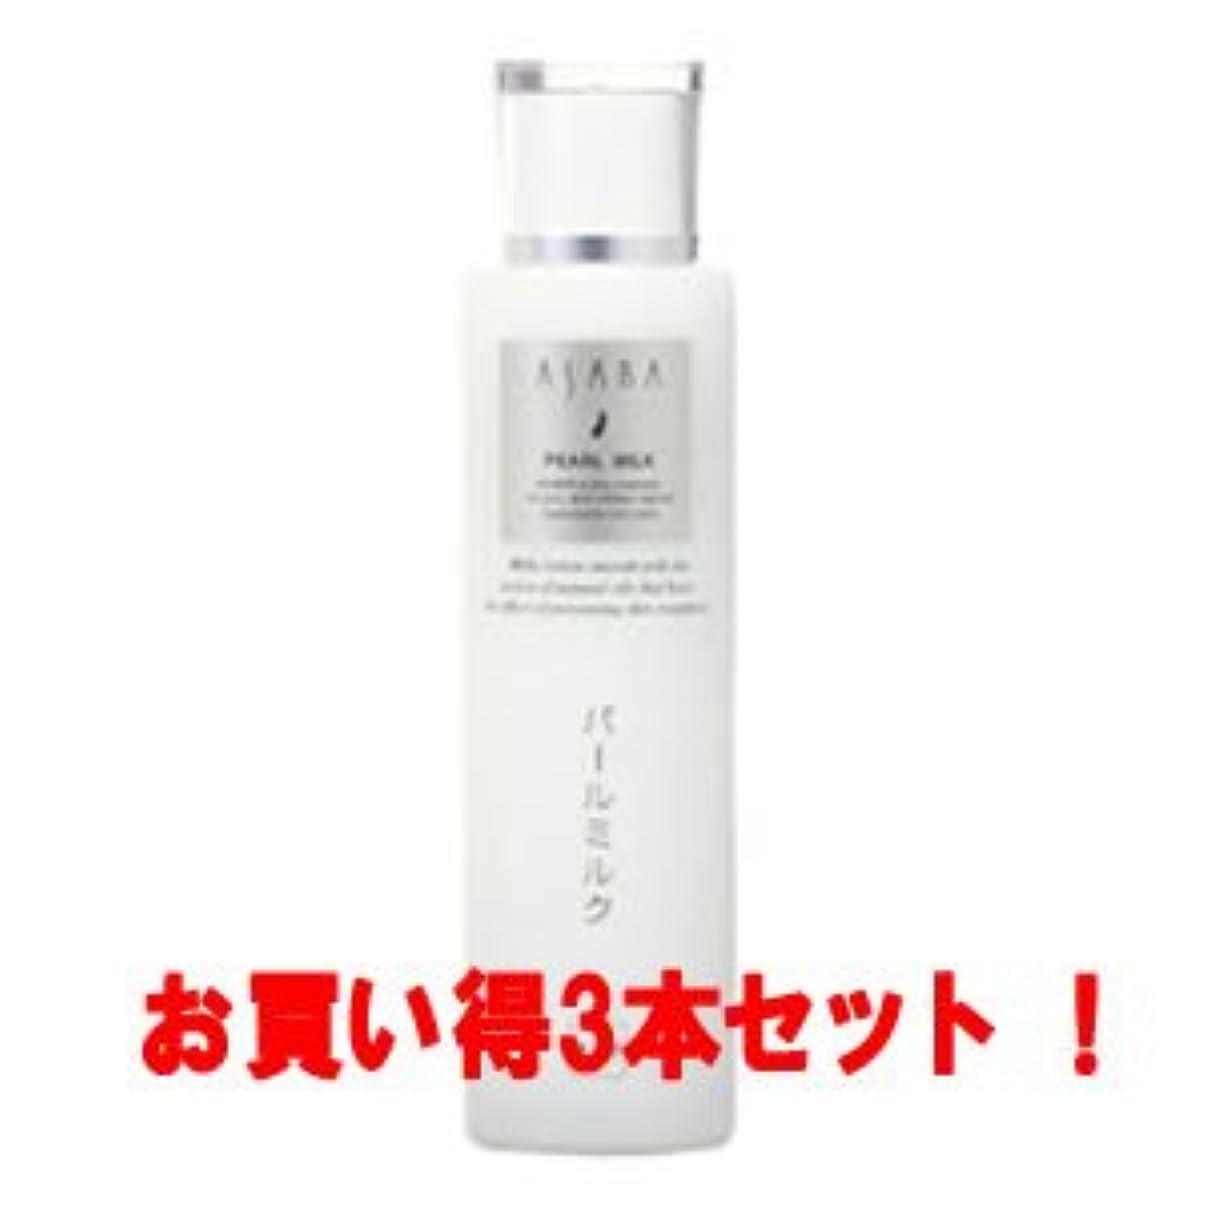 応じる慎重にワークショップ(アサバ化粧品)アサバ パールミルク100ml(お買い得3本セット)